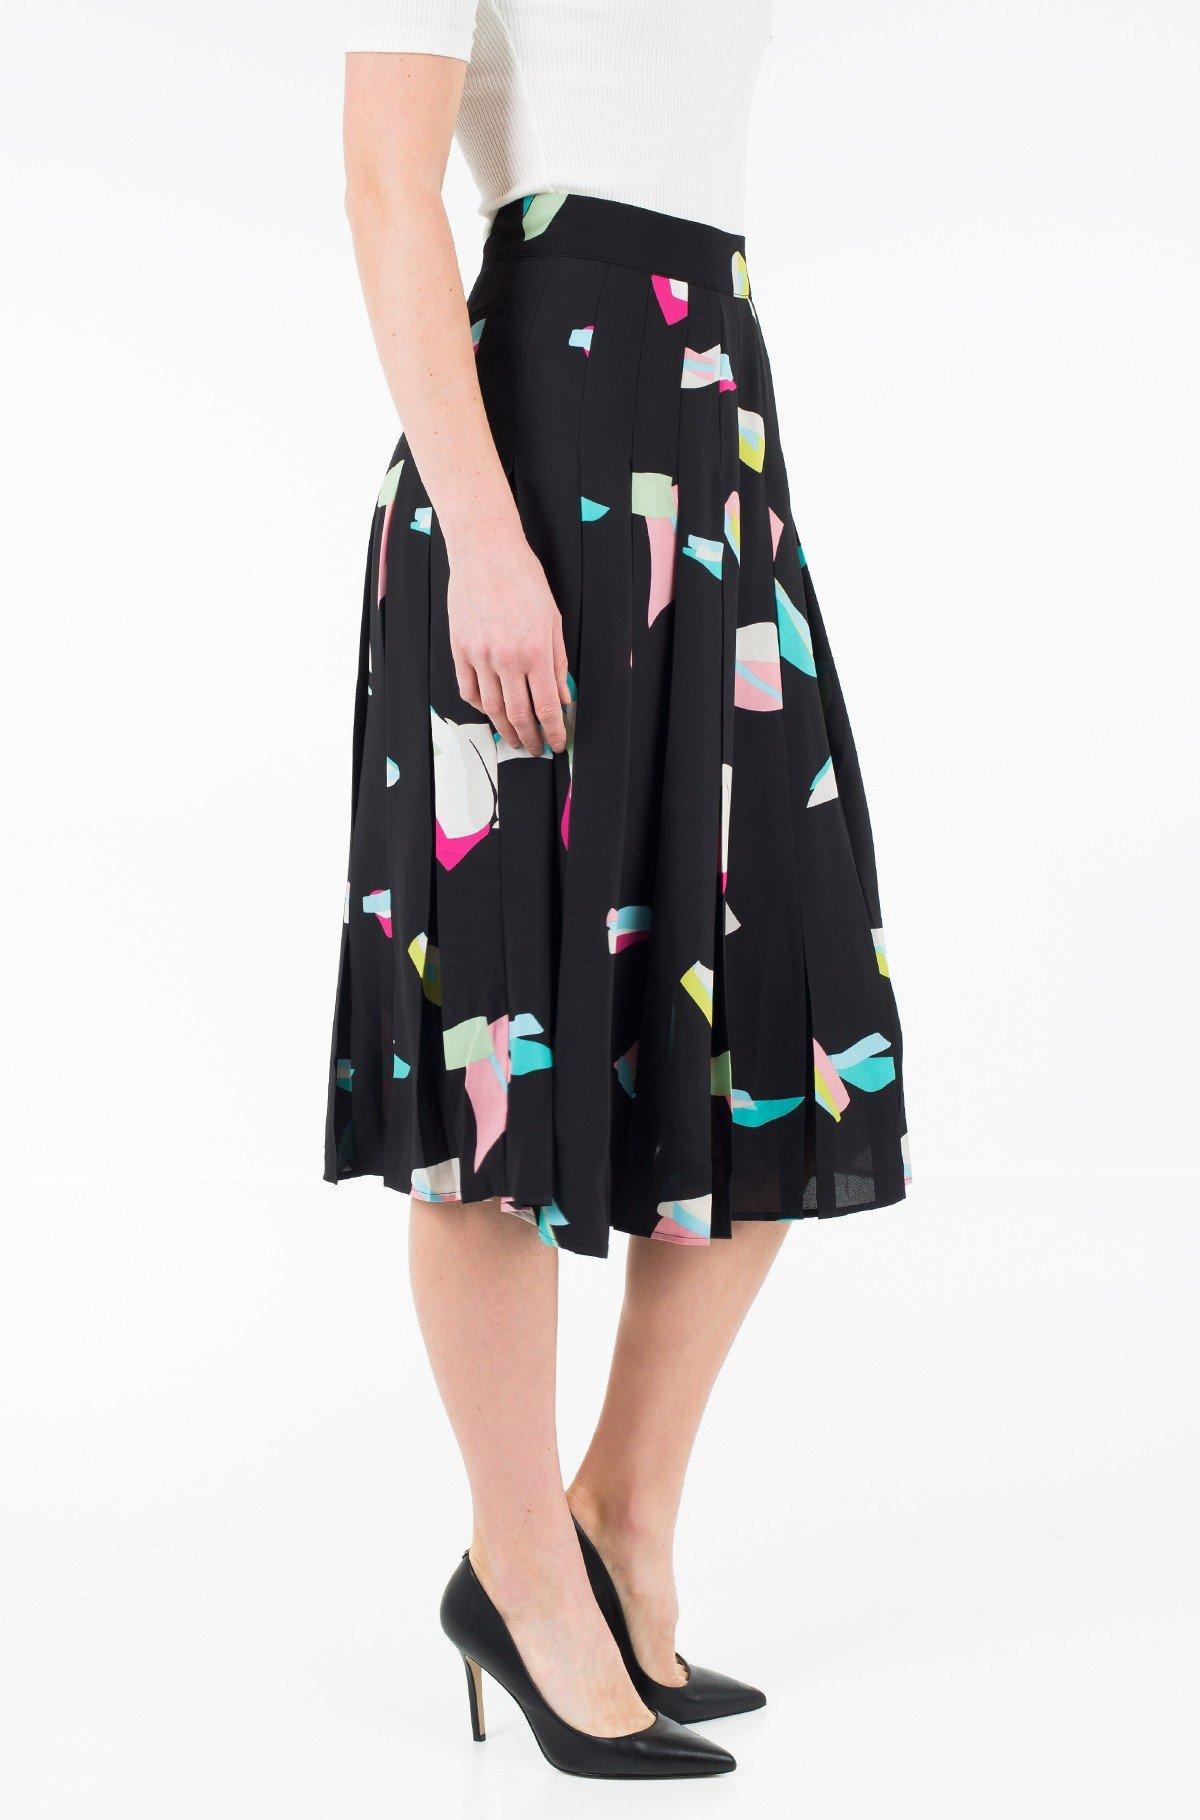 Skirt ELAINE/PL900690-full-1